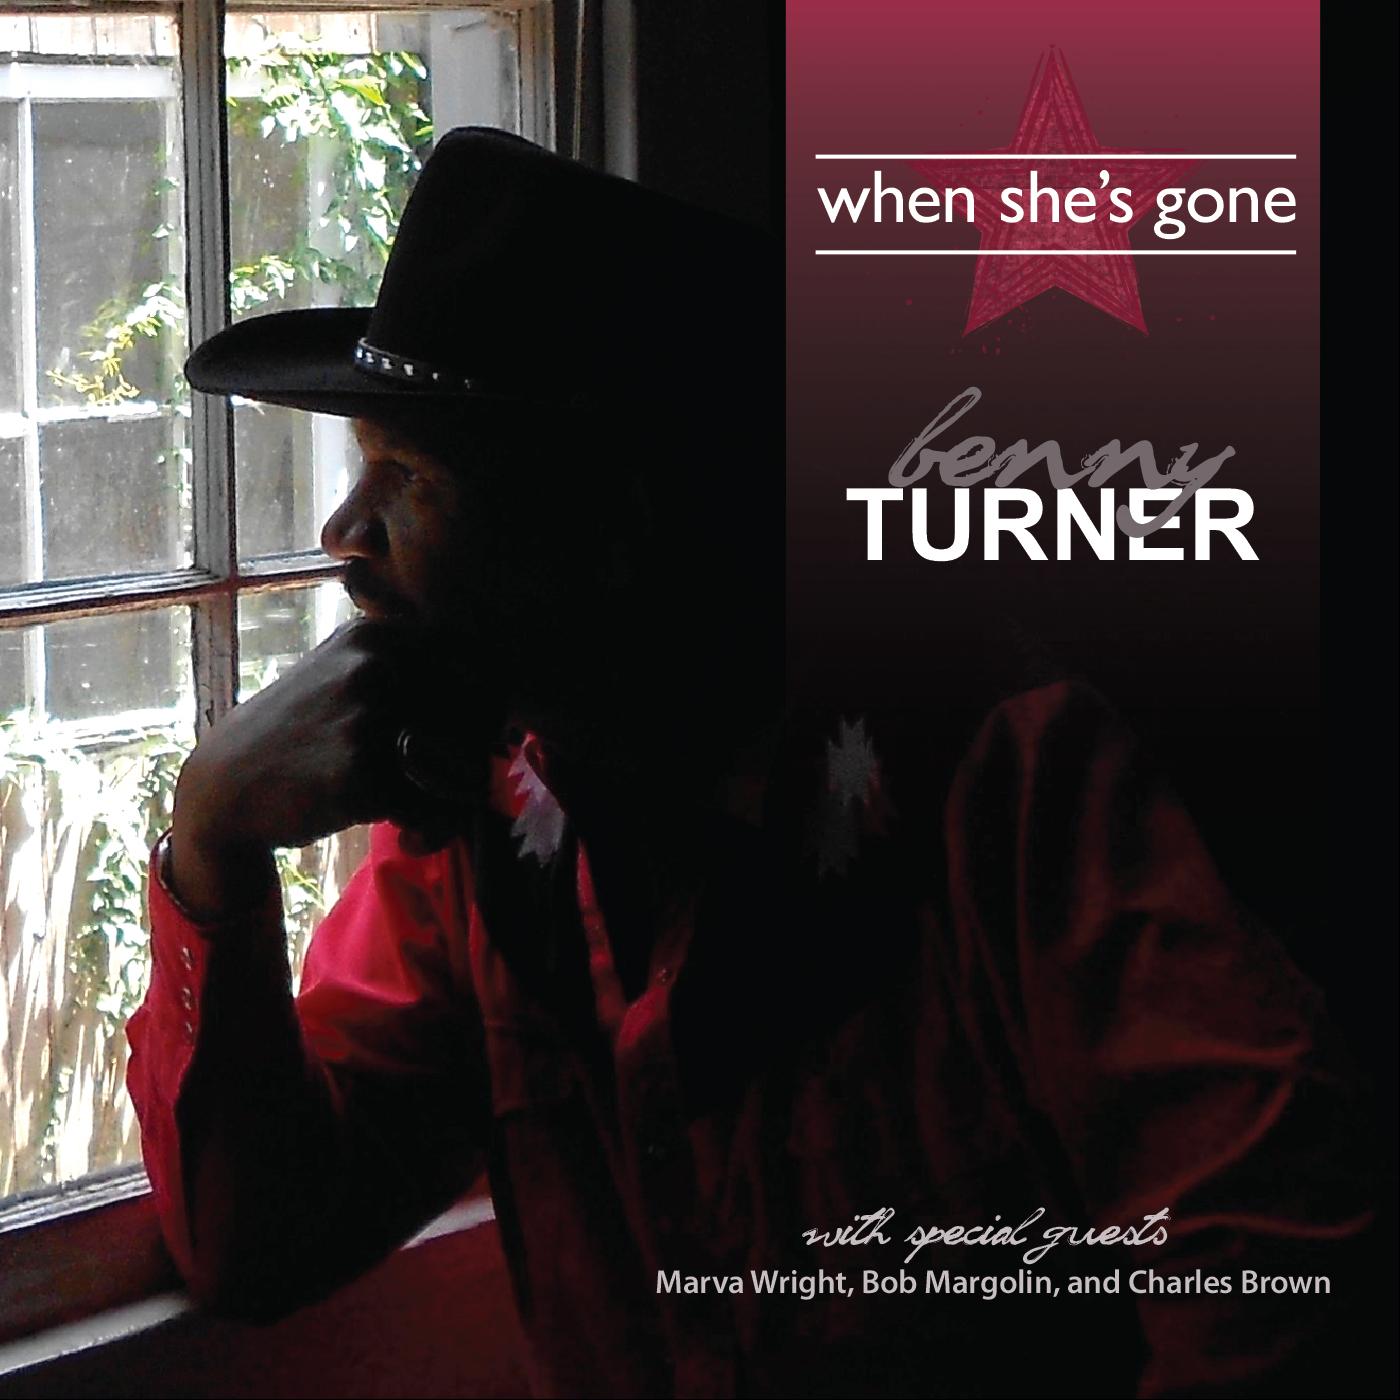 BENNY TURNER – I can'tleave